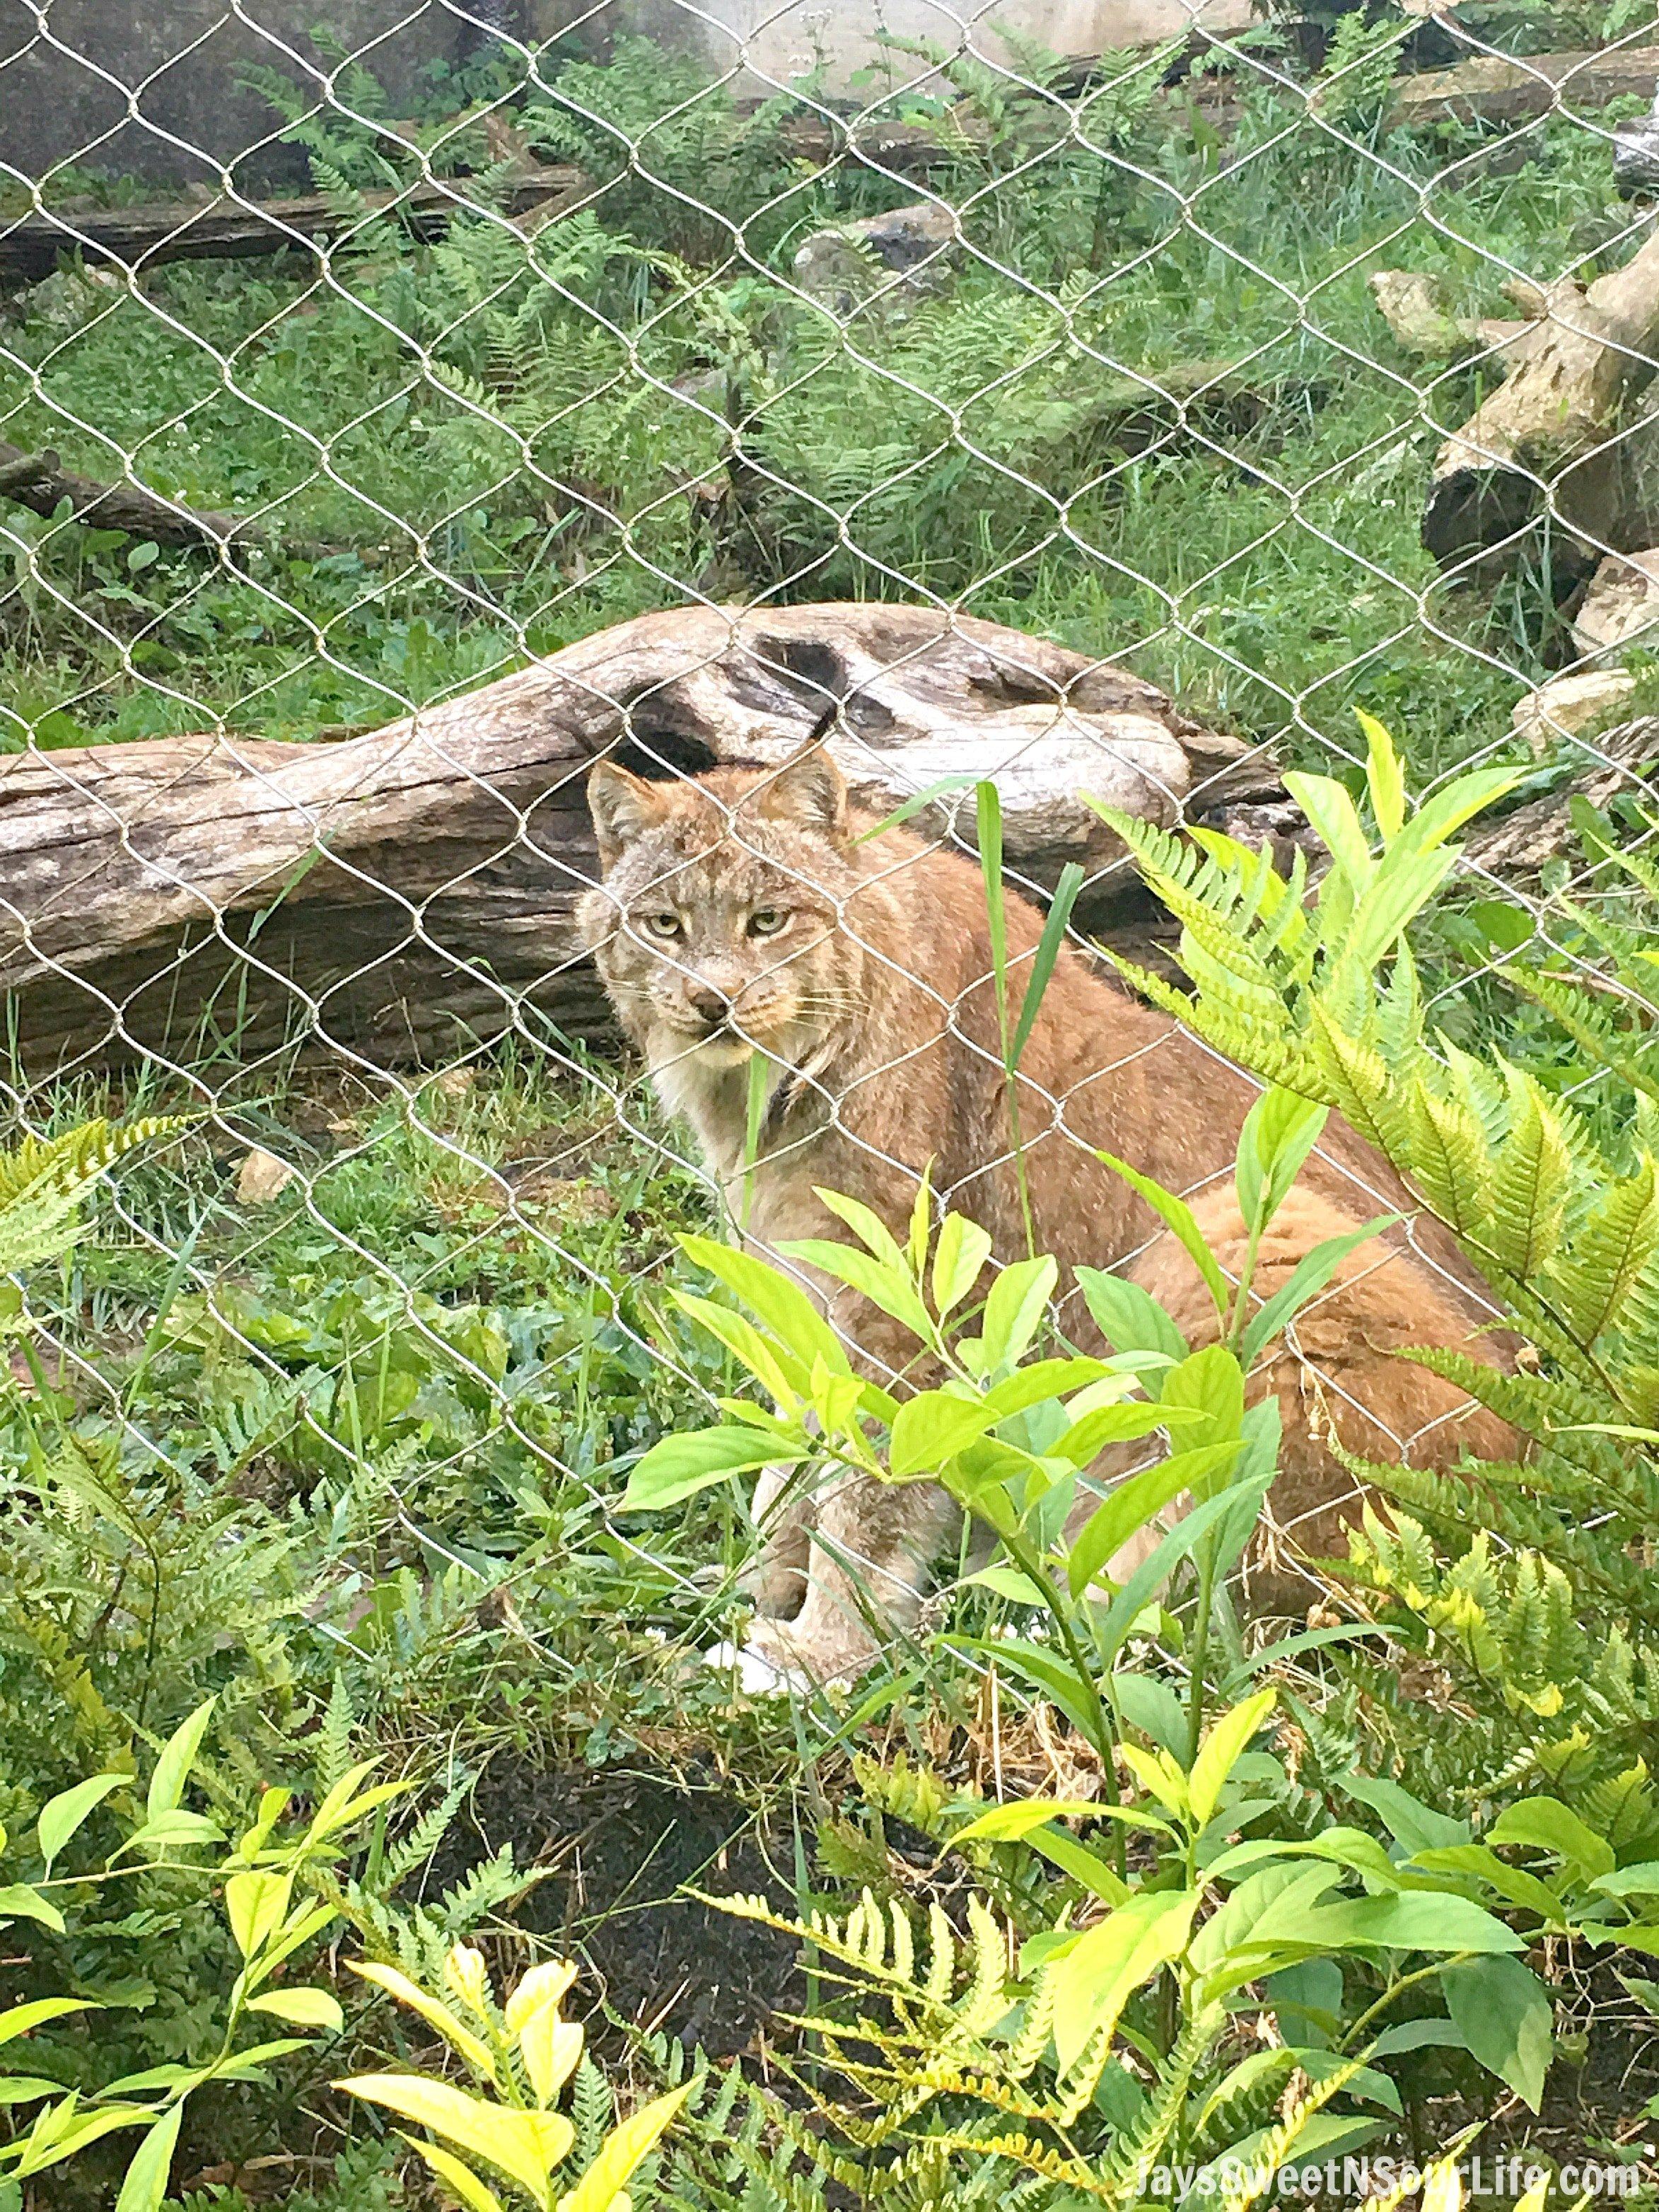 Going Wild Feeding Mountain Lions at ZooAmerica – Early Bird Tour